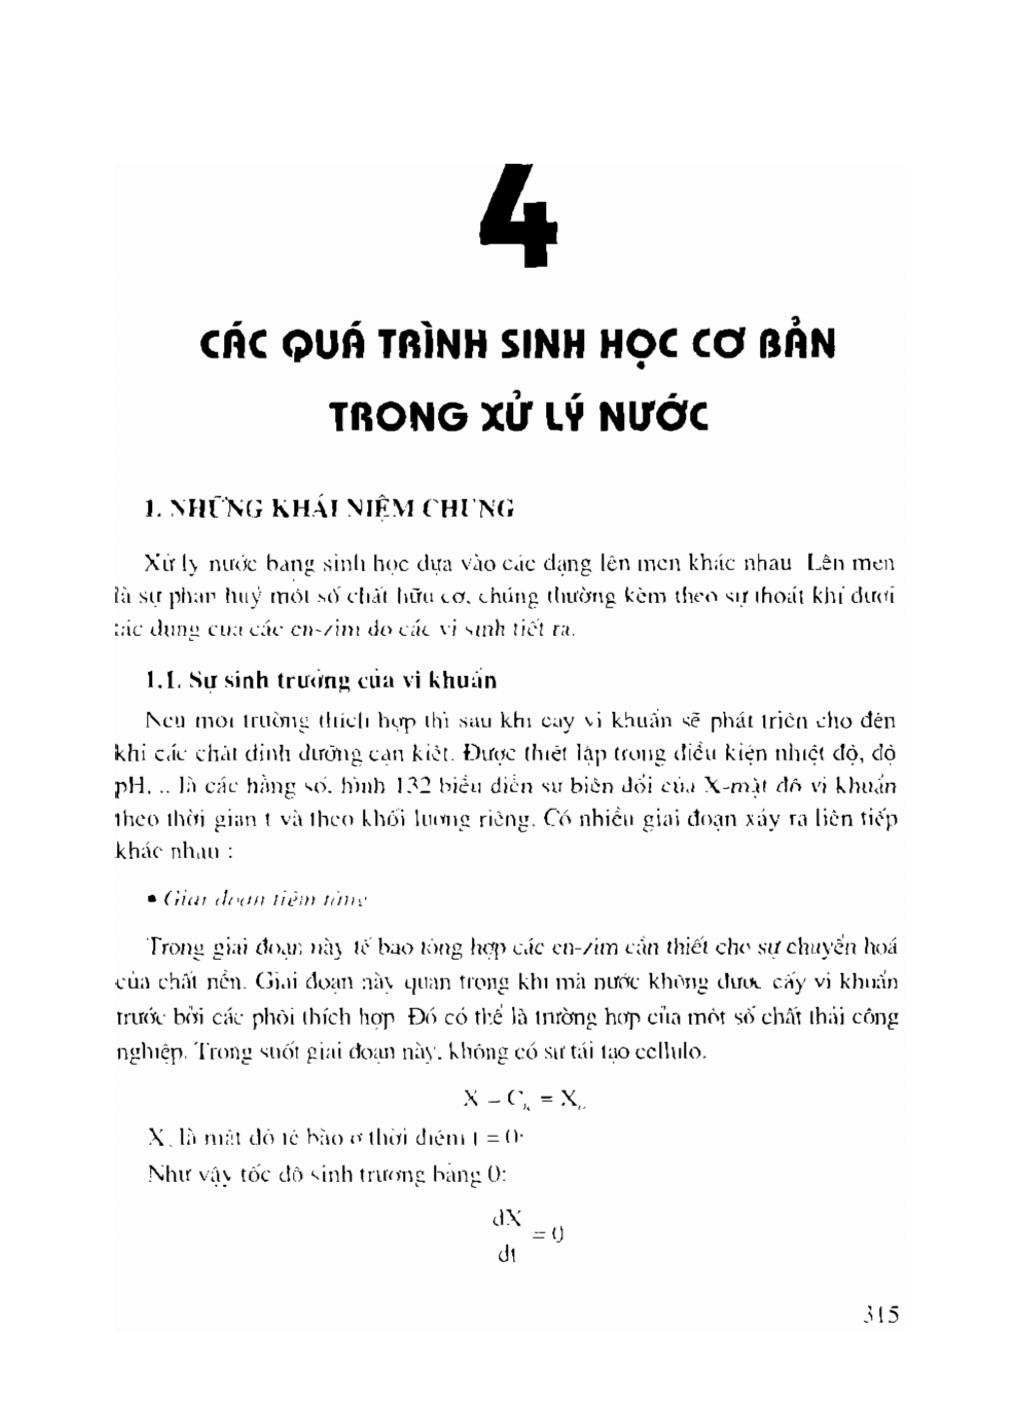 Sổ tay xử lý nước (Tập 1): Phần 2